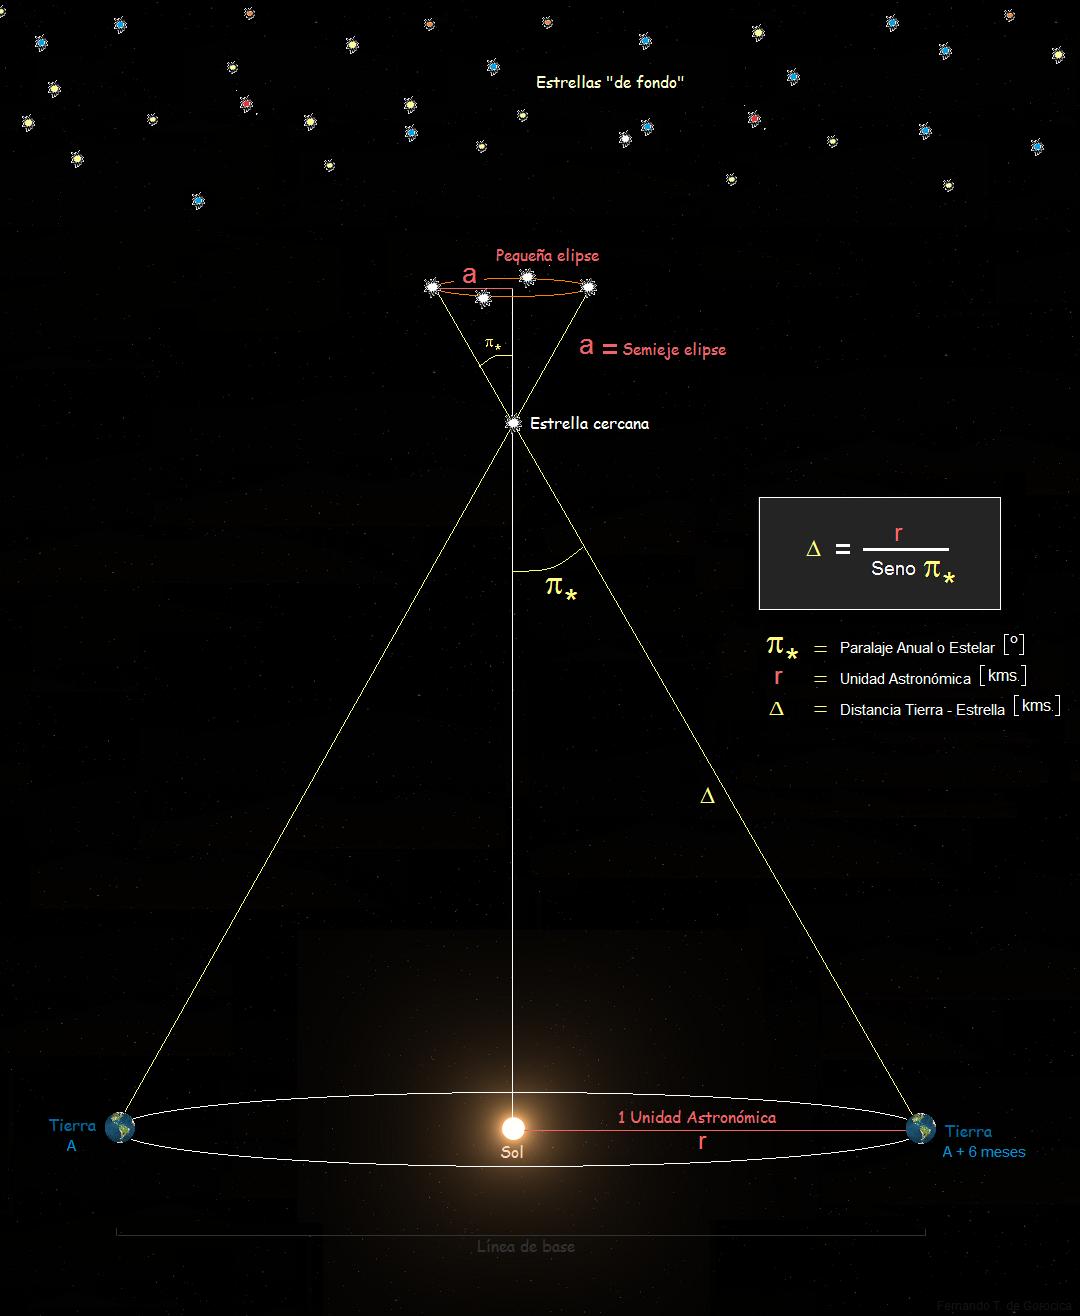 Con trigonometría simple podemos saber la distancia a una estrella cercana